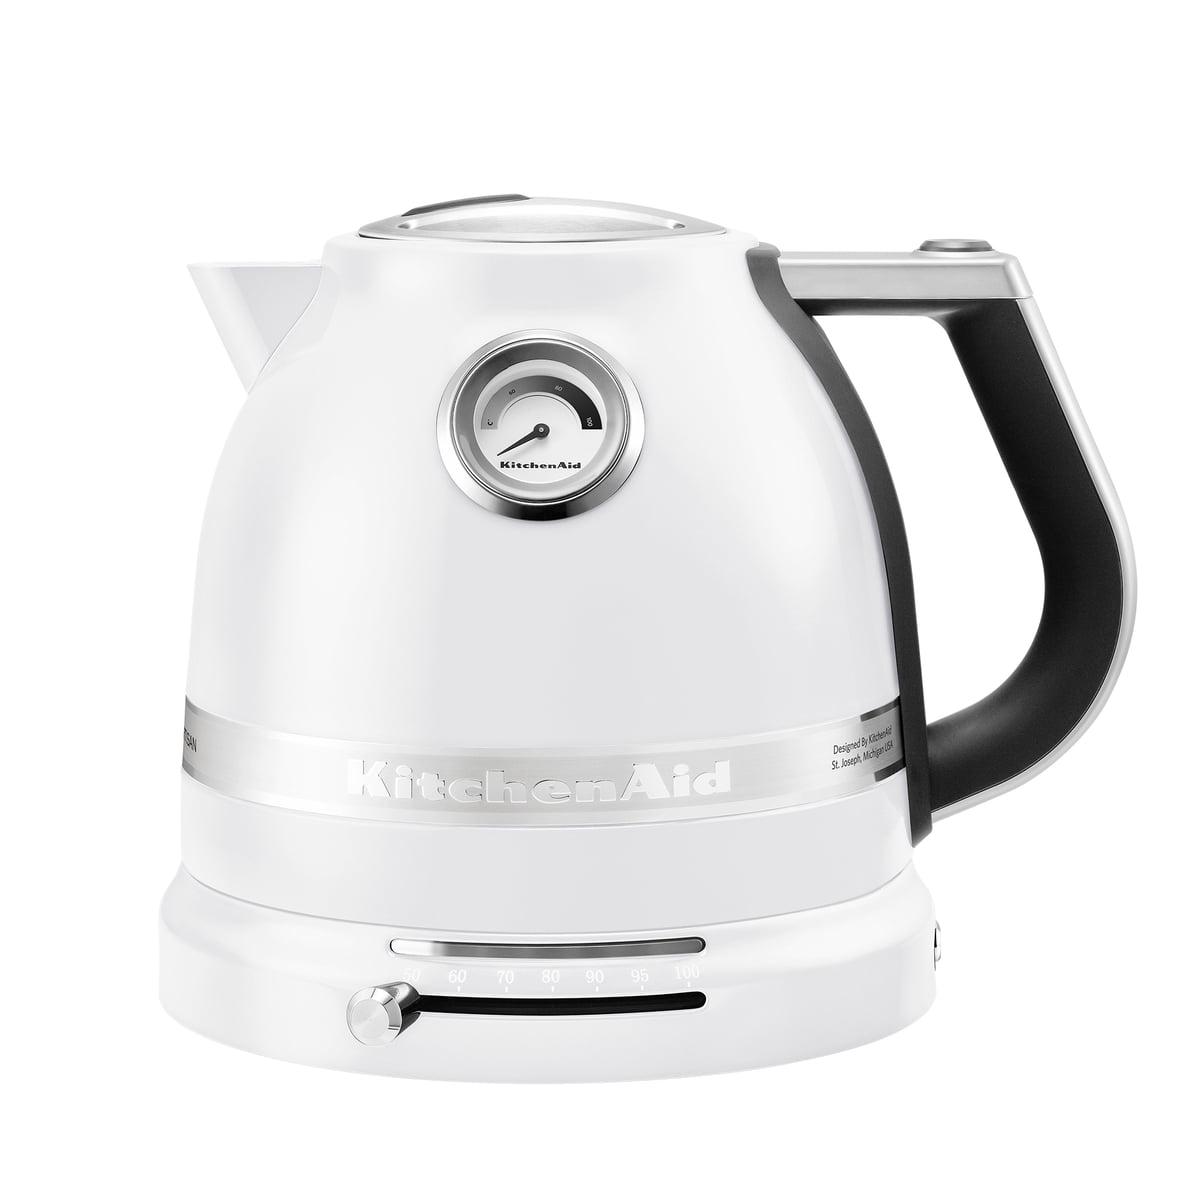 Kitchen Aid KitchenAid - Artisan Wasserkocher 1.5 l, frosted pearl | Küche und Esszimmer > Küchengeräte > Wasserkocher | Perlmutt | Gehäuse: aluminium -  innenwand: kunststoff -  innenboden: edelstahl | Kitchen Aid